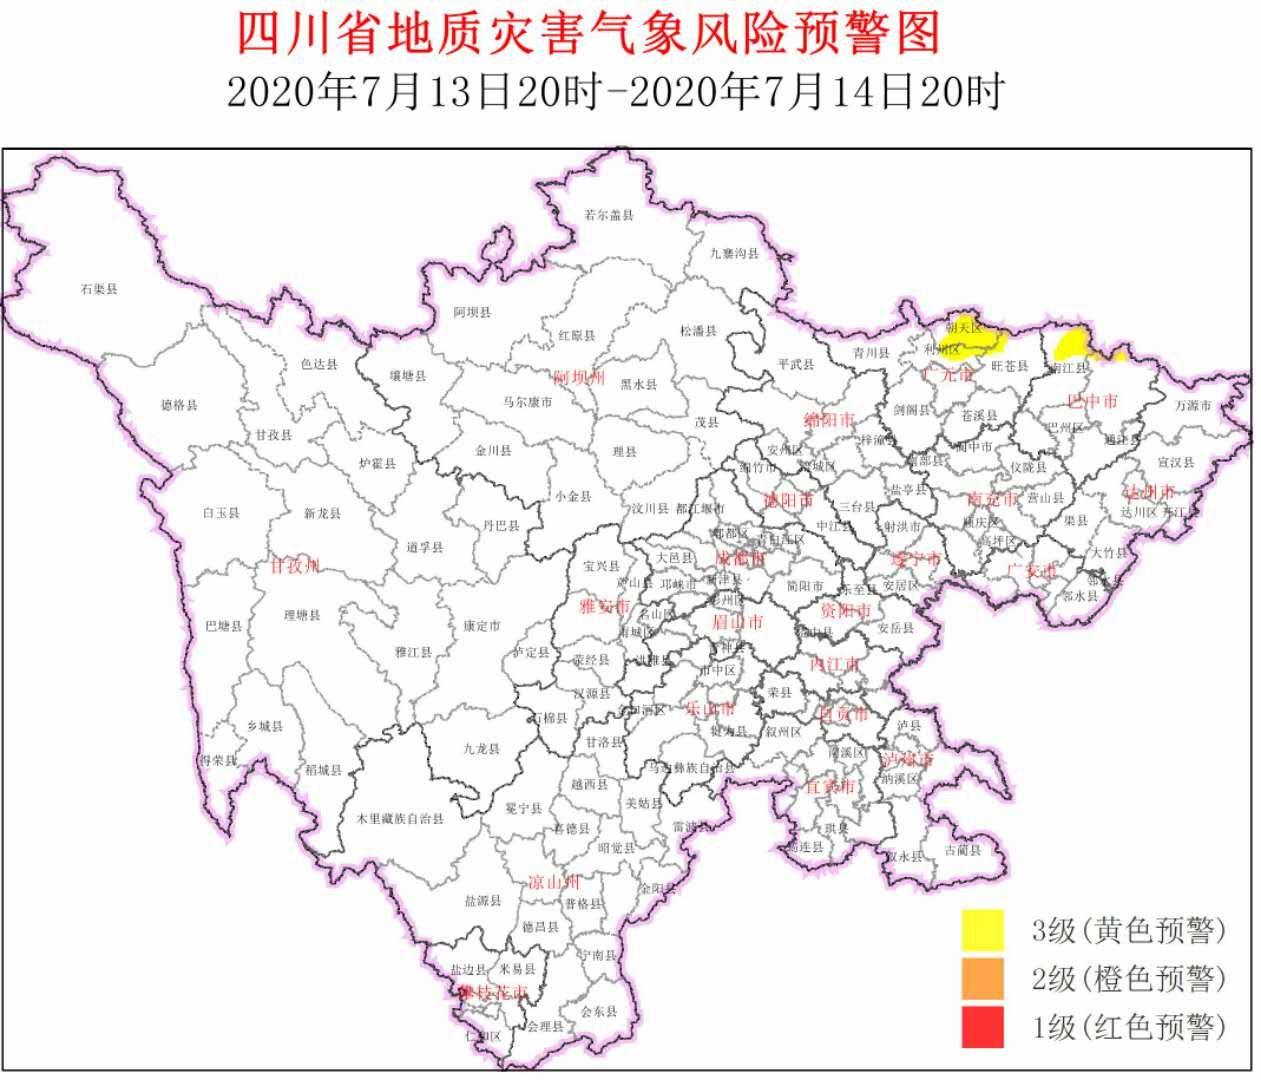 杏悦,大范围降雨仍持续不断四川5县杏悦区地图片